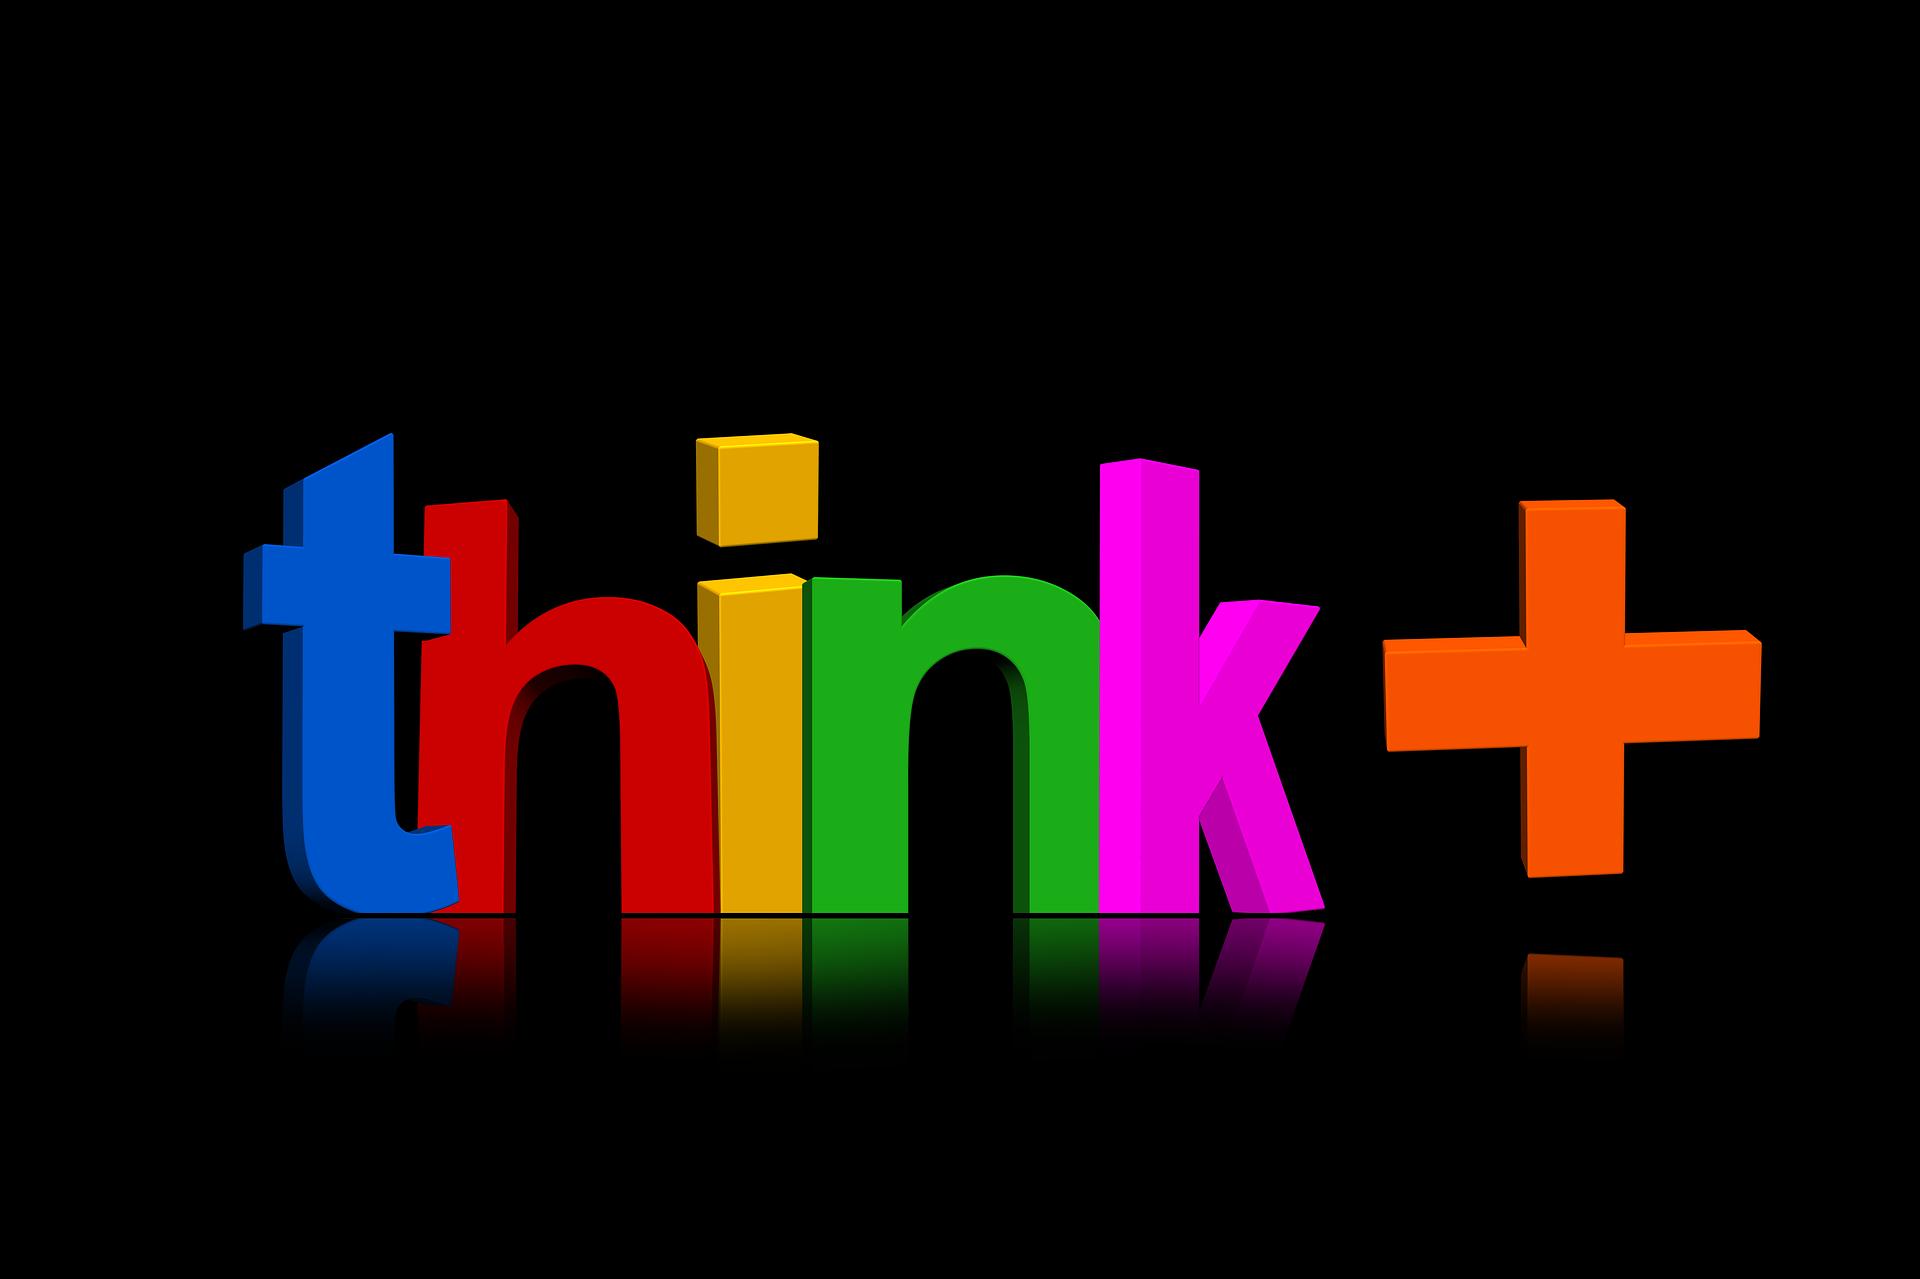 Οι 5 παγίδες της σκέψης που μας στερούν την καλή μας διάθεση.